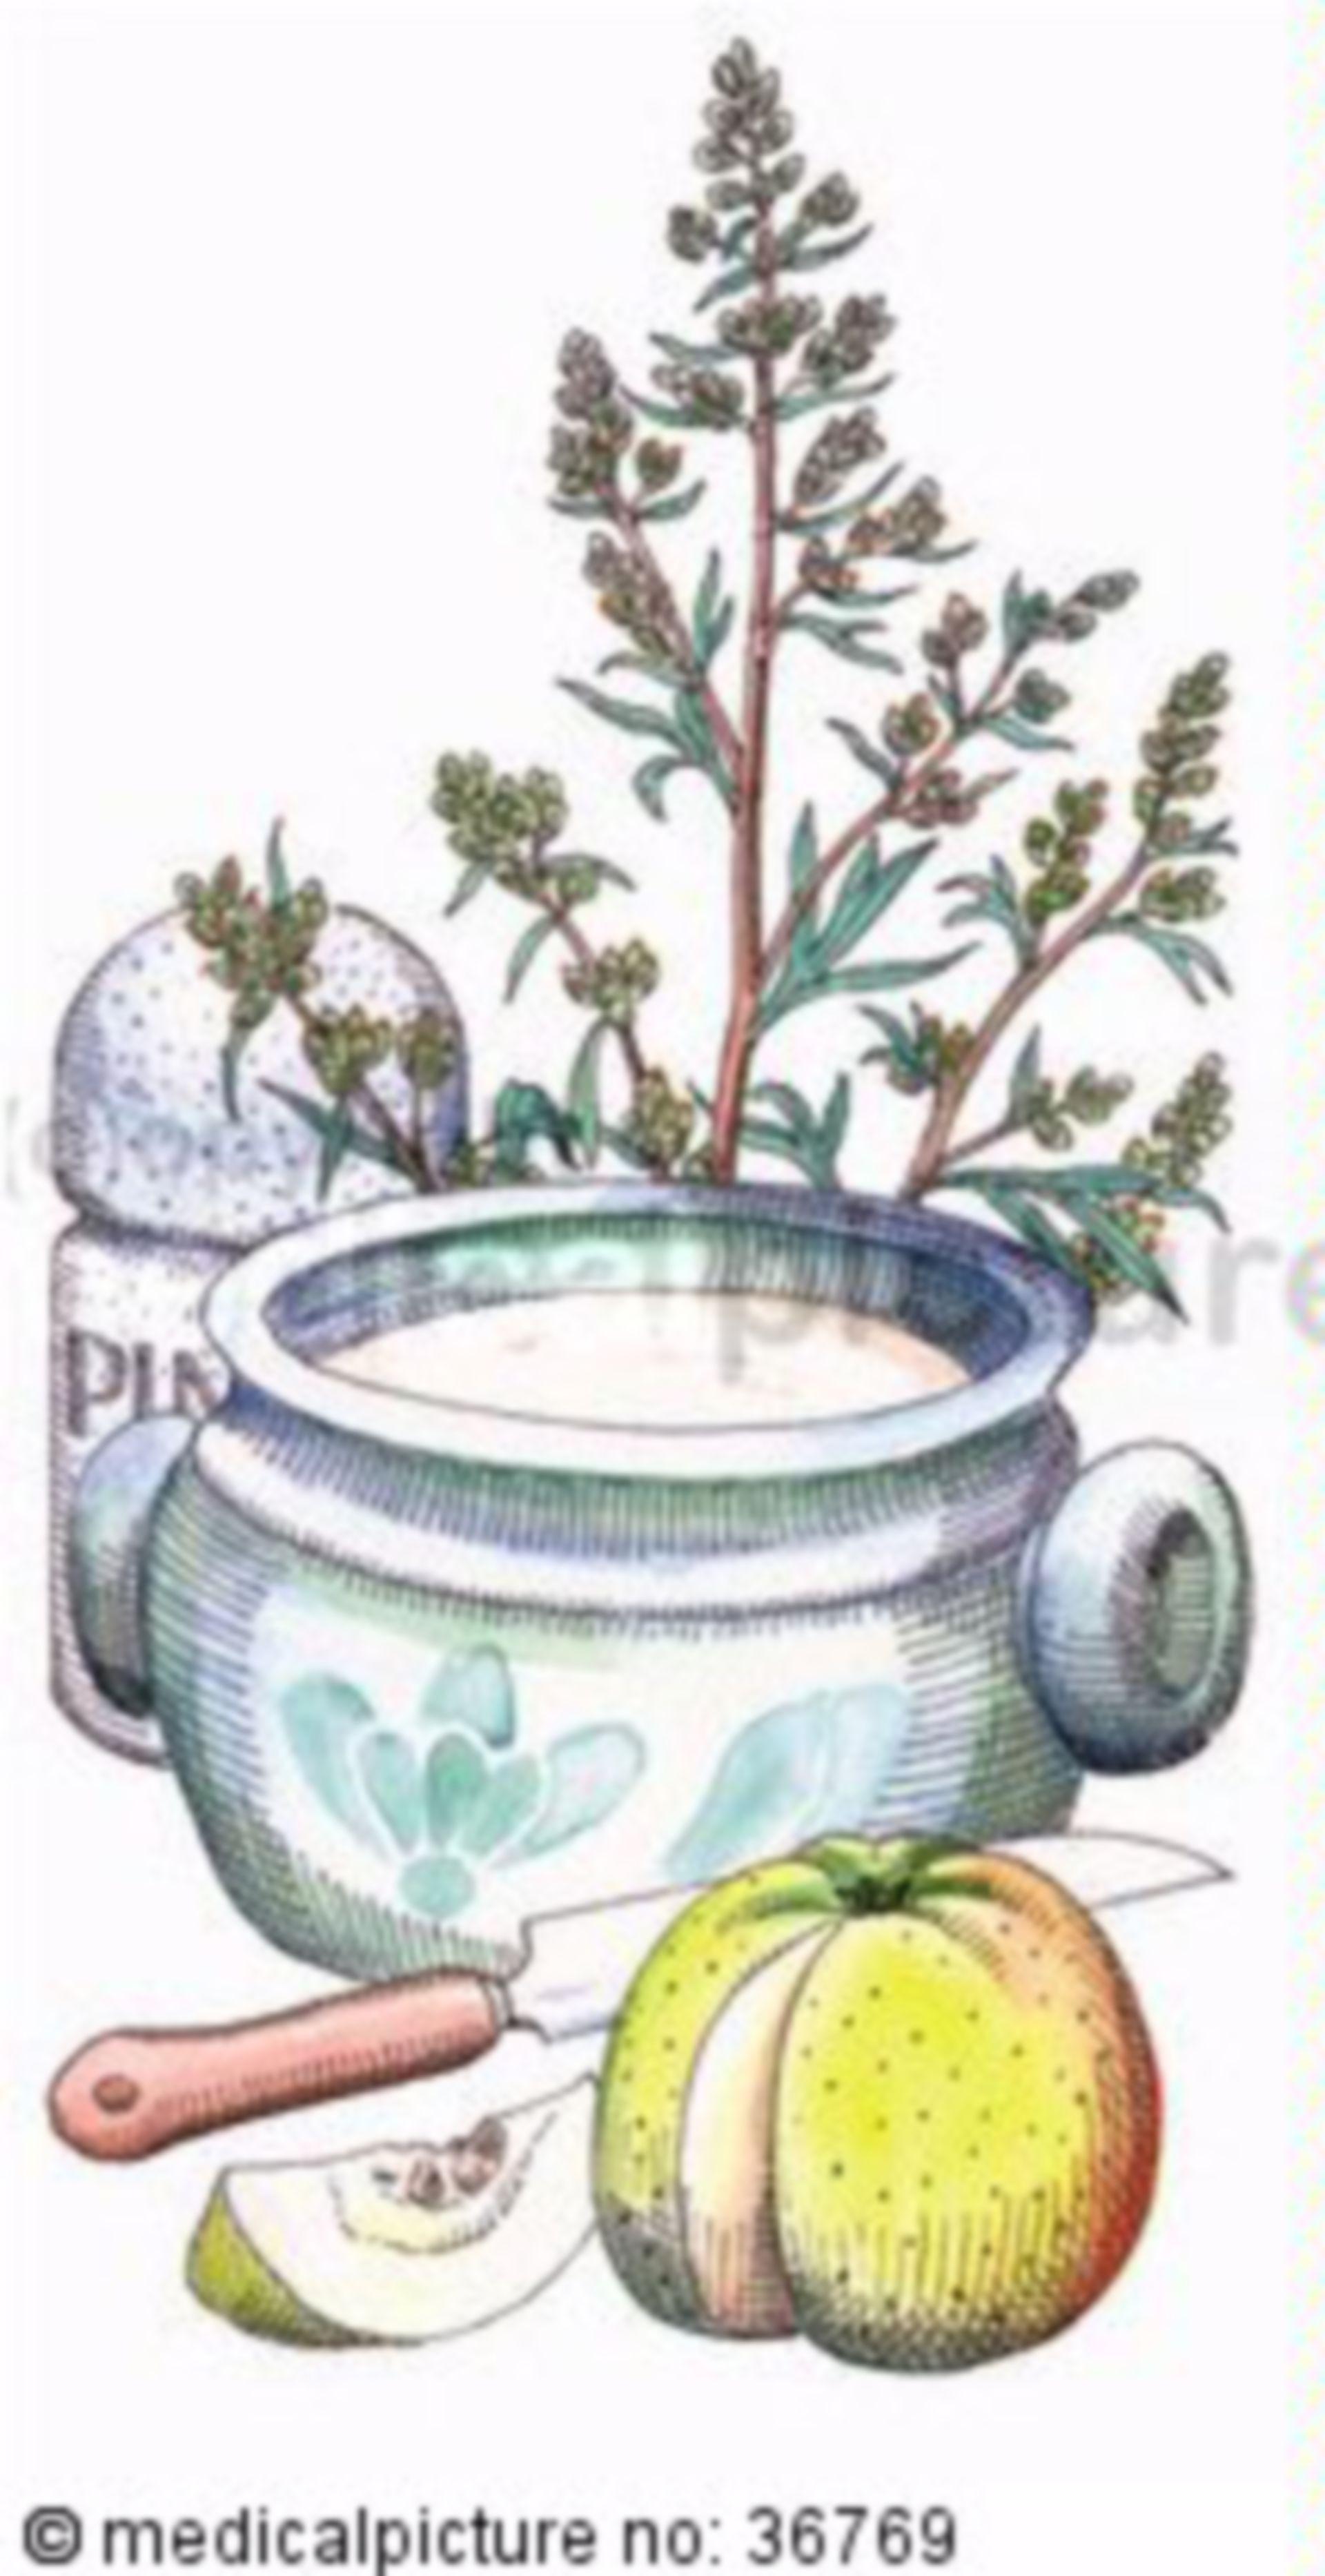 Kräuter, Artemisia vulgaris, Beifuss